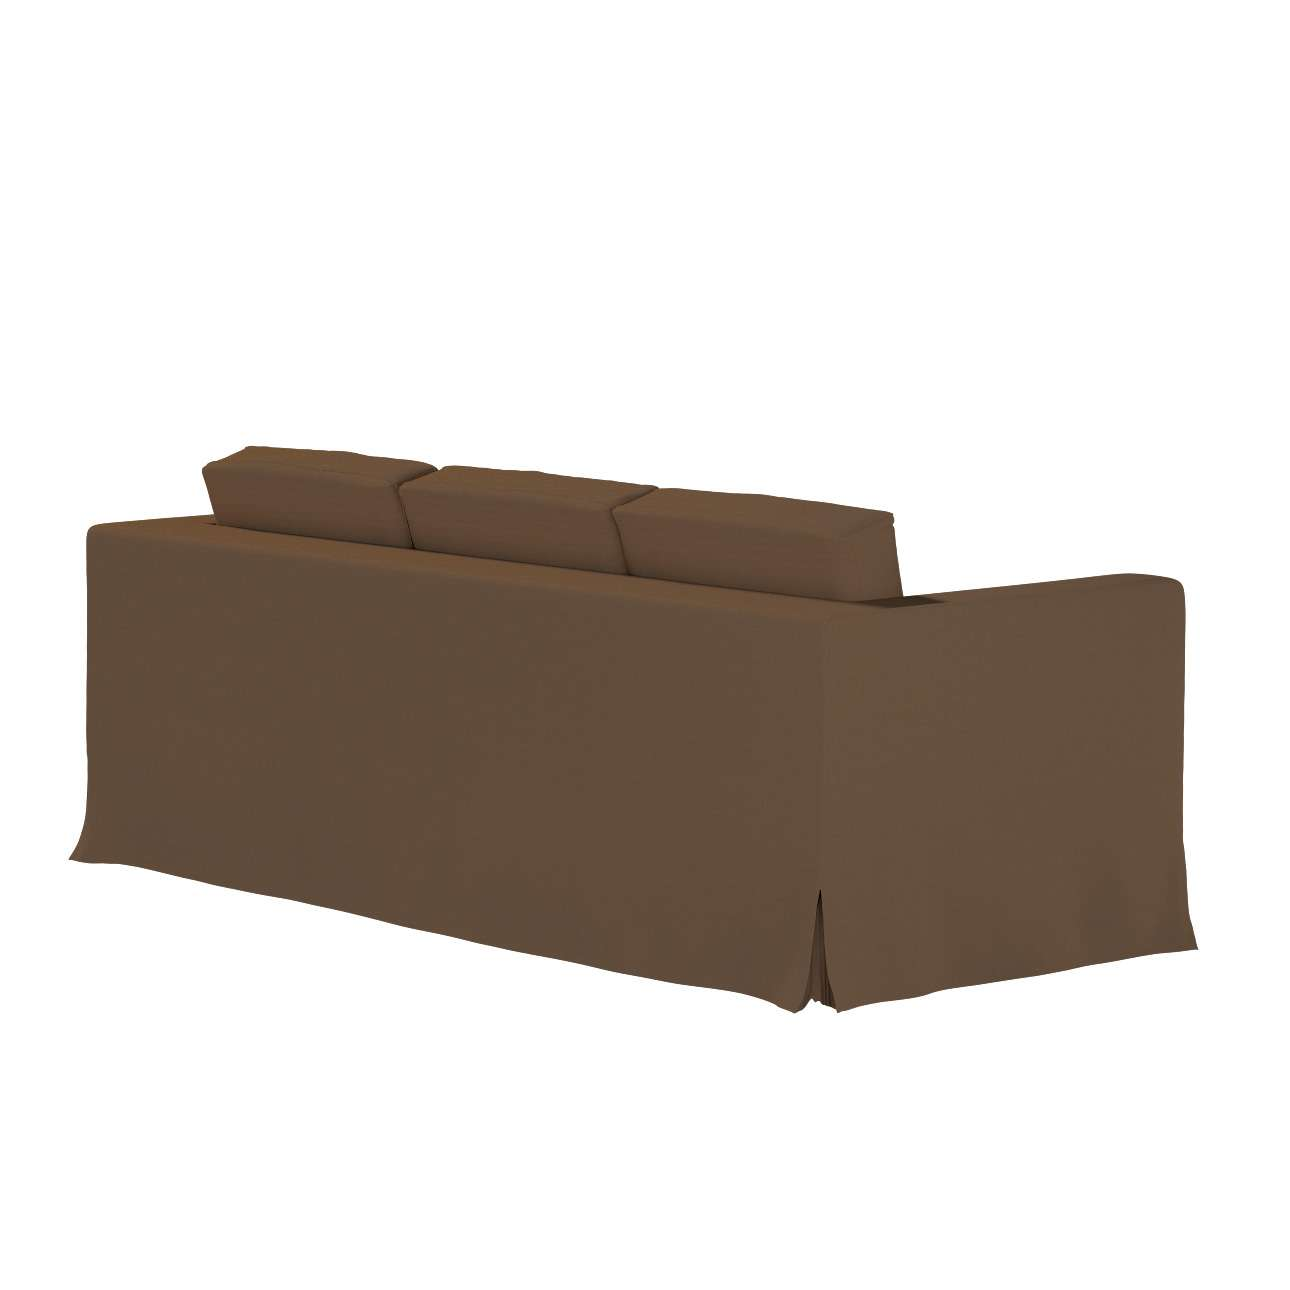 Karlanda 3-Sitzer Sofabezug nicht ausklappbar lang von der Kollektion Cotton Panama, Stoff: 702-02